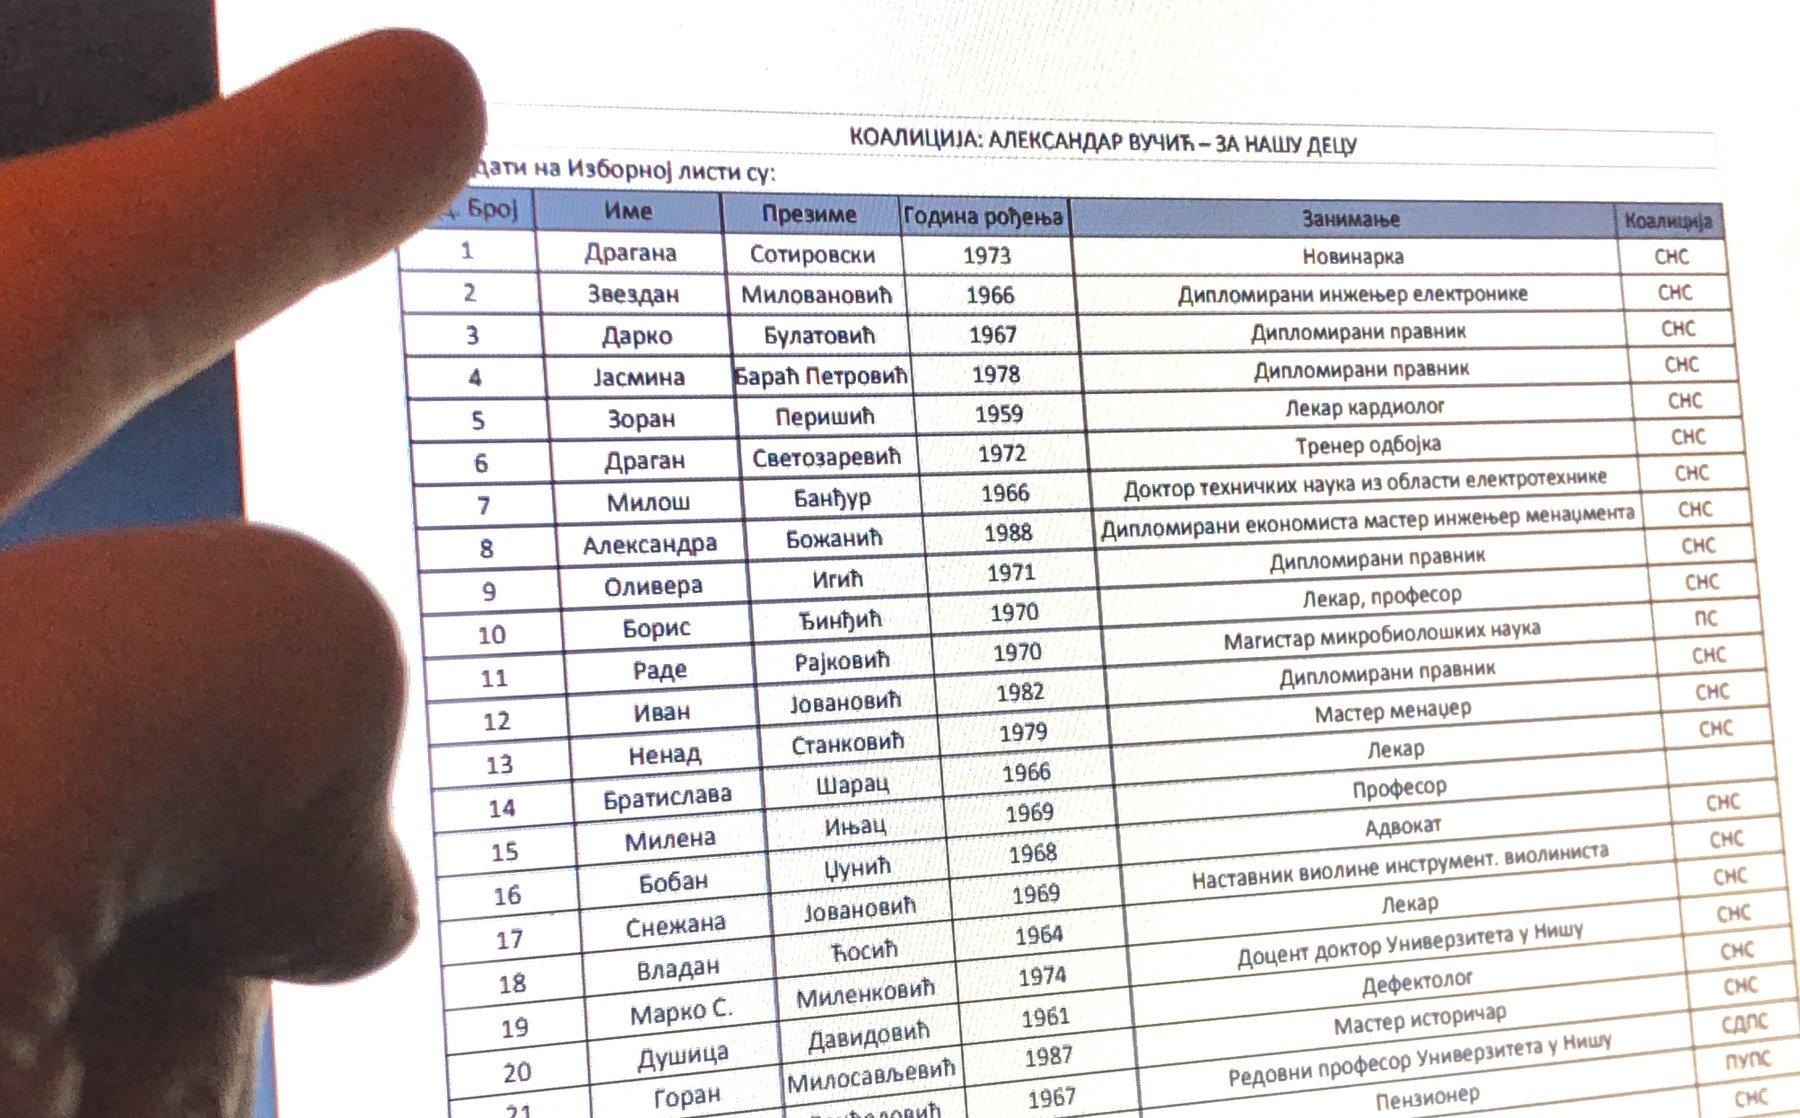 СНС листа, фото: Редакција